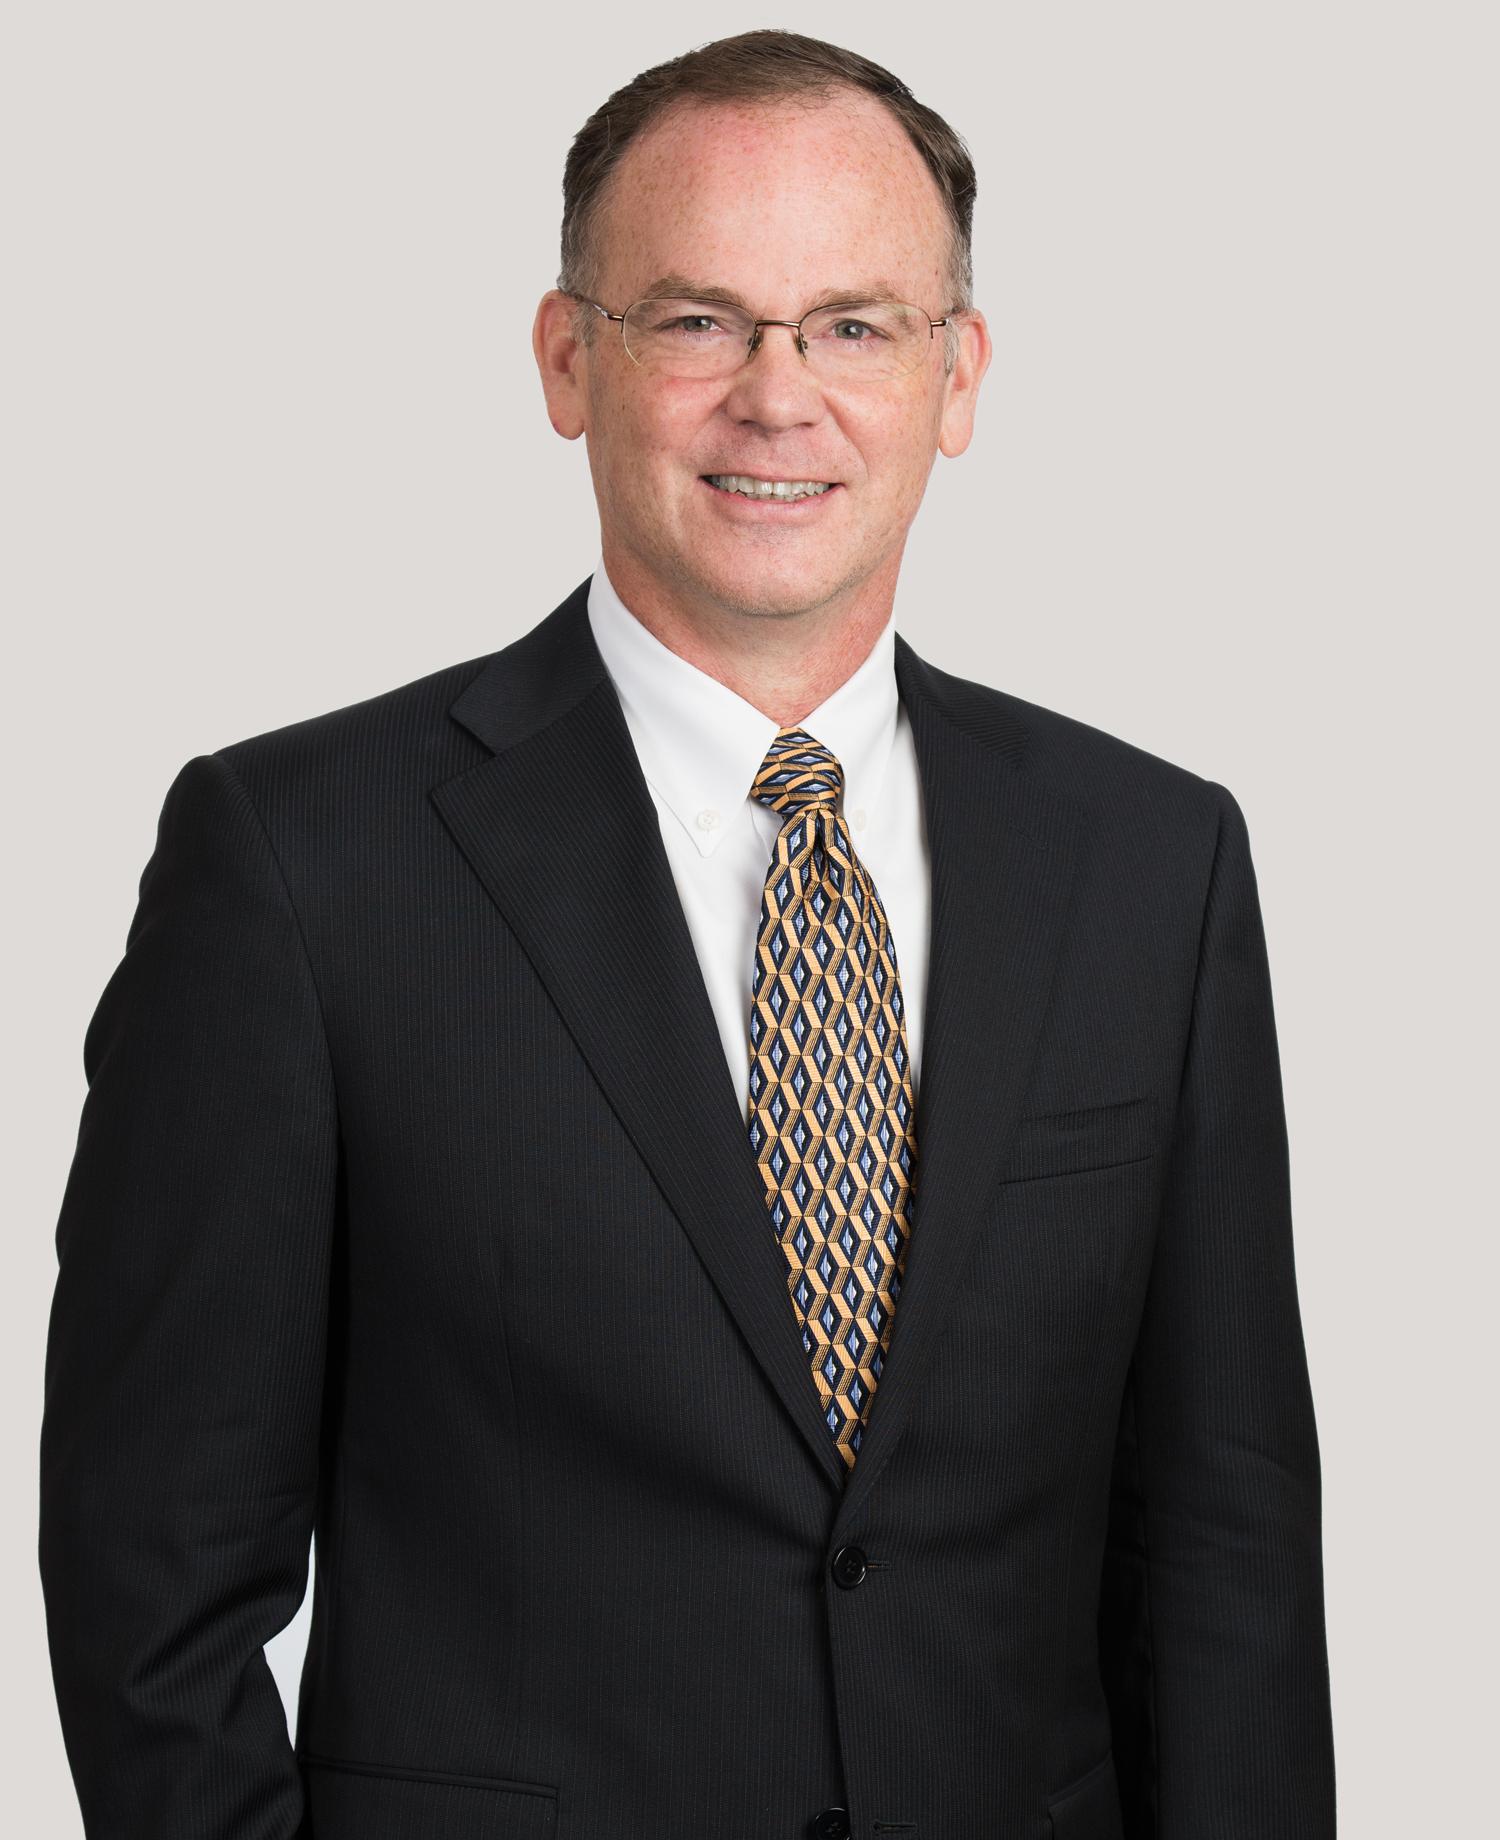 John C. Redding